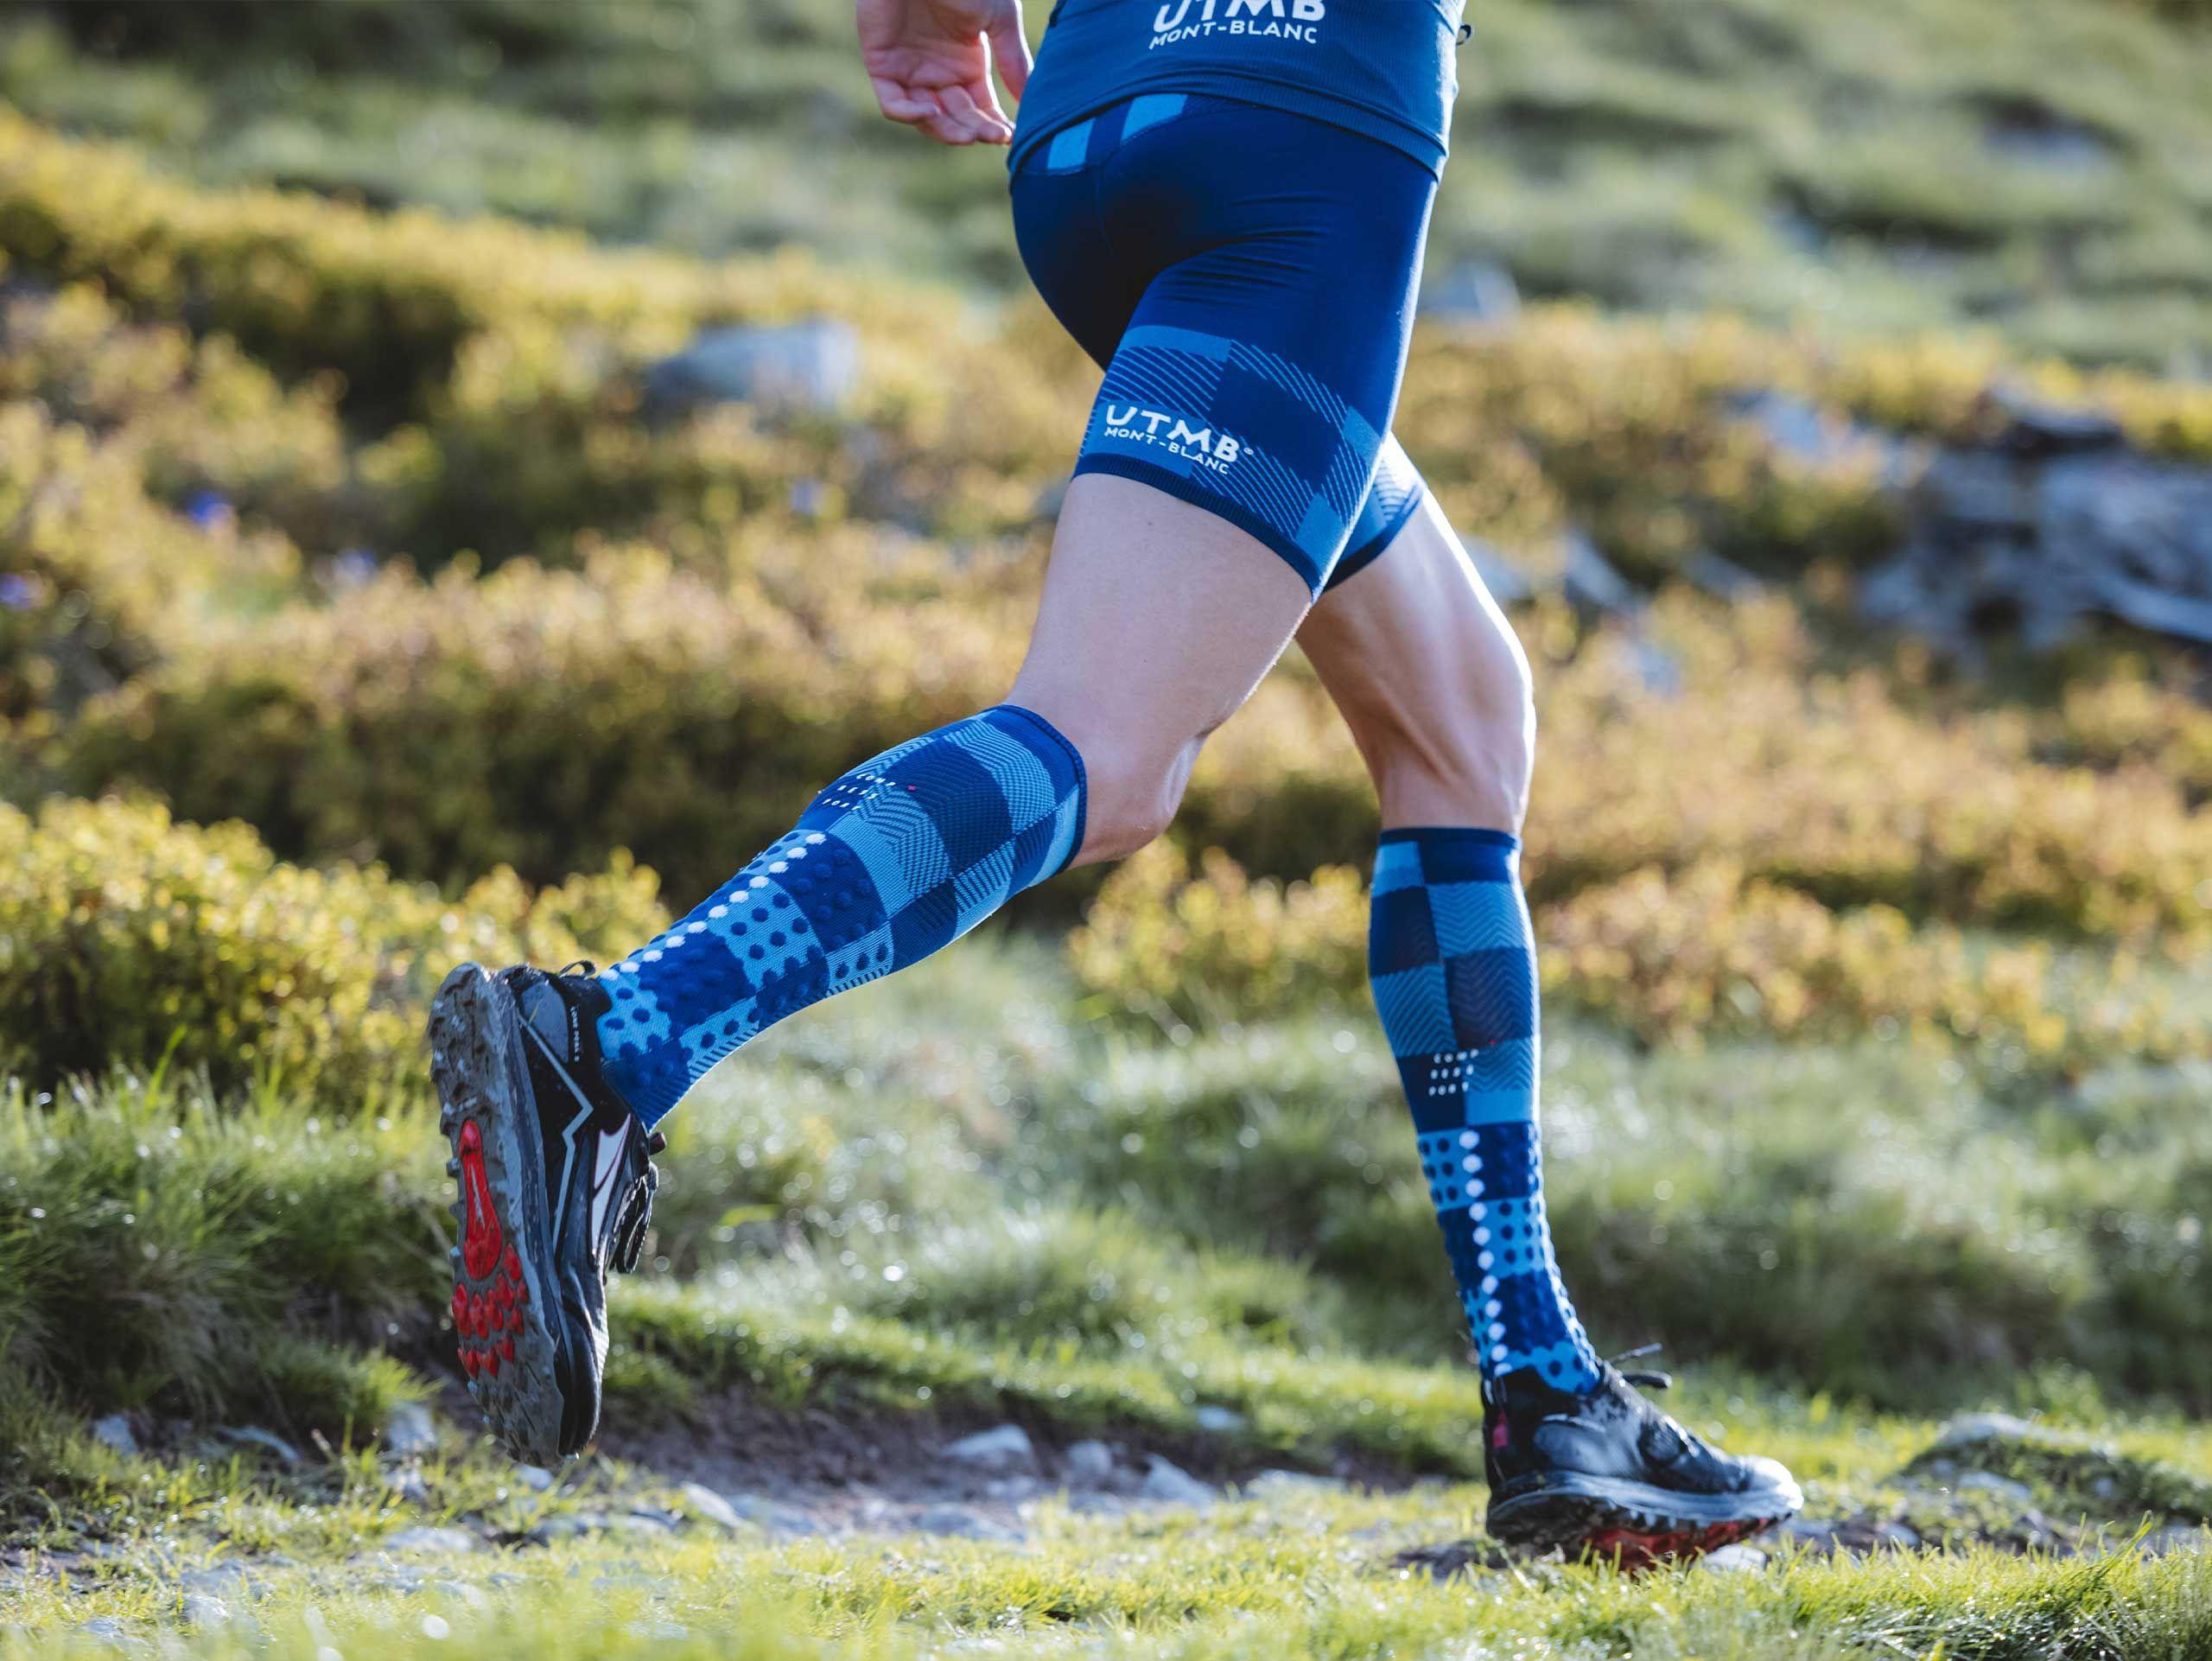 Full Socks Race & Recovery - UTMB 2021